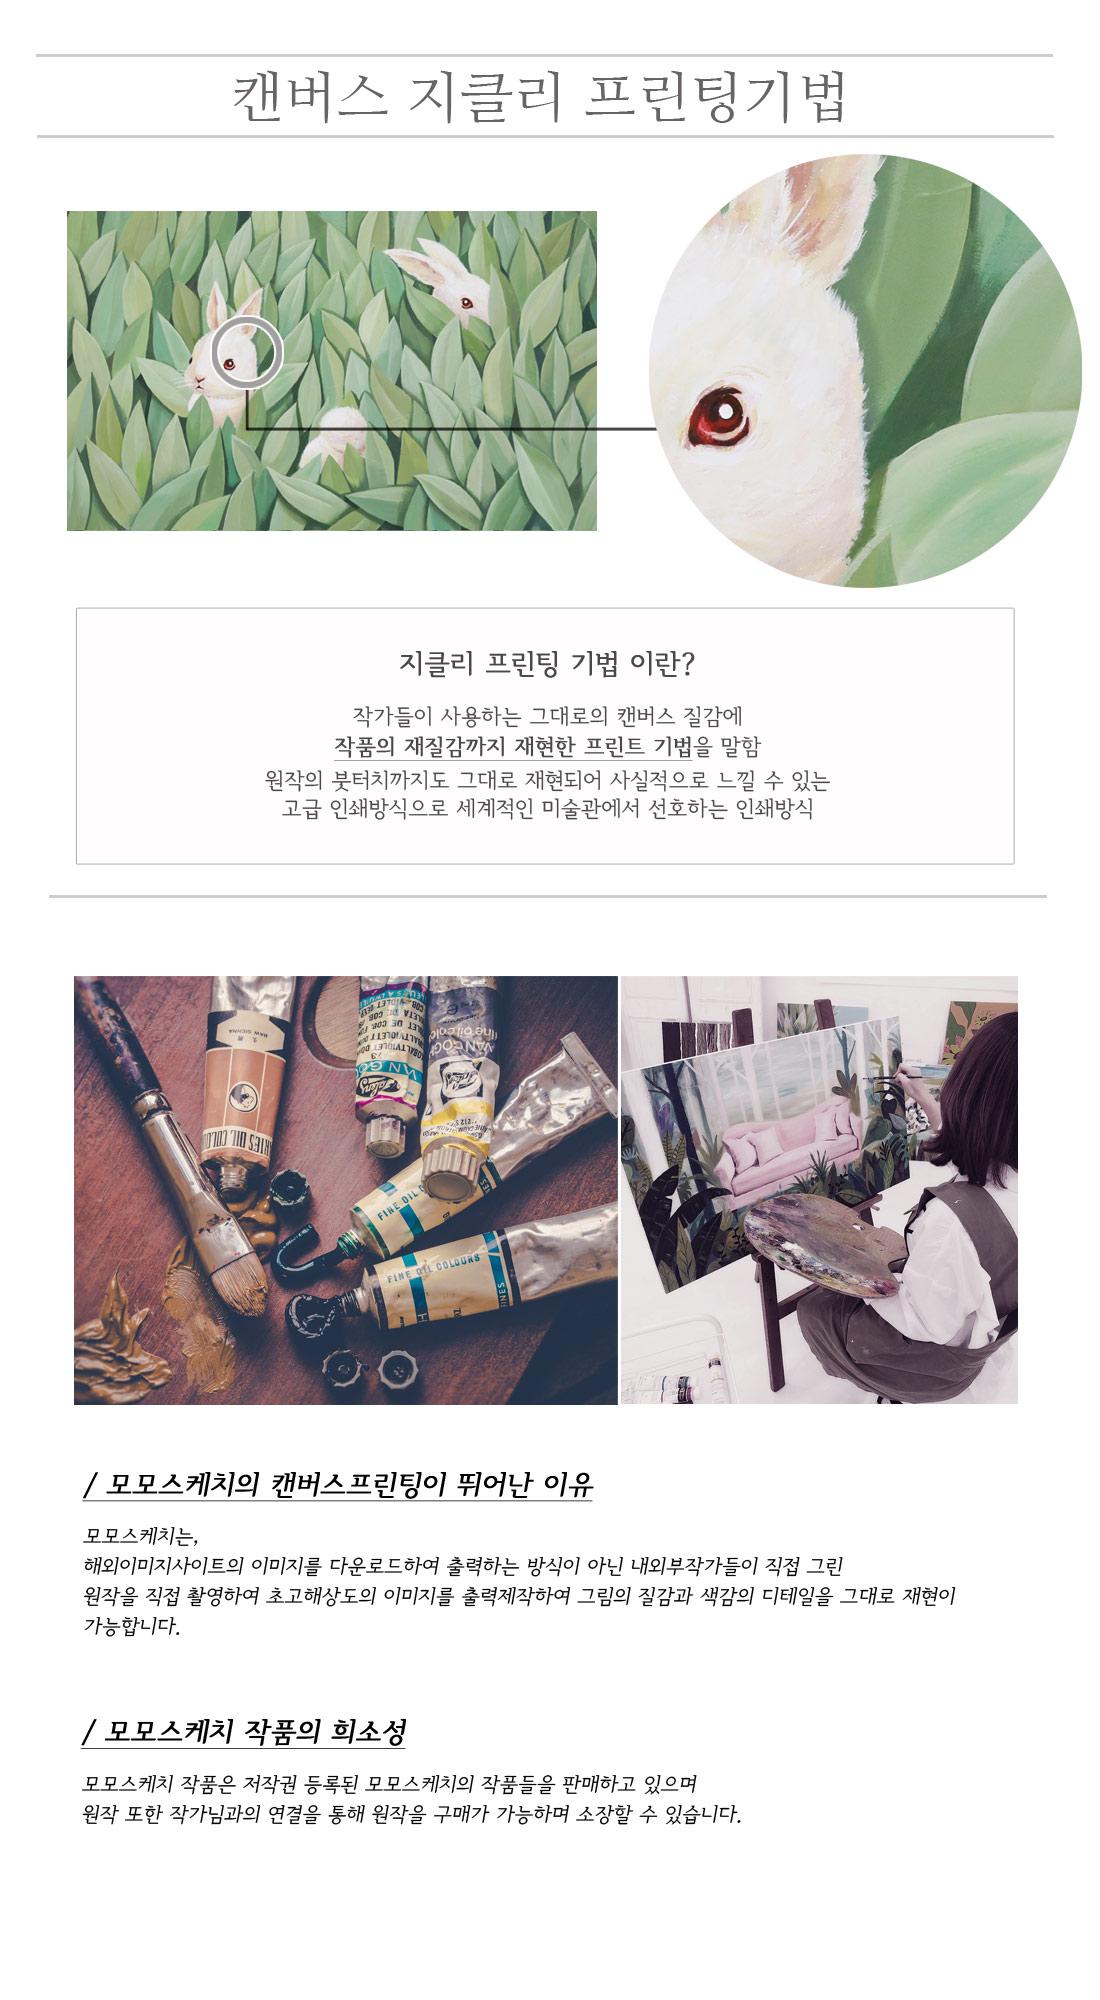 그린보테니컬 일러스트 인테리어 캔버스 식물 그림액자 - 모모스케치, 140,000원, 홈갤러리, 캔버스아트